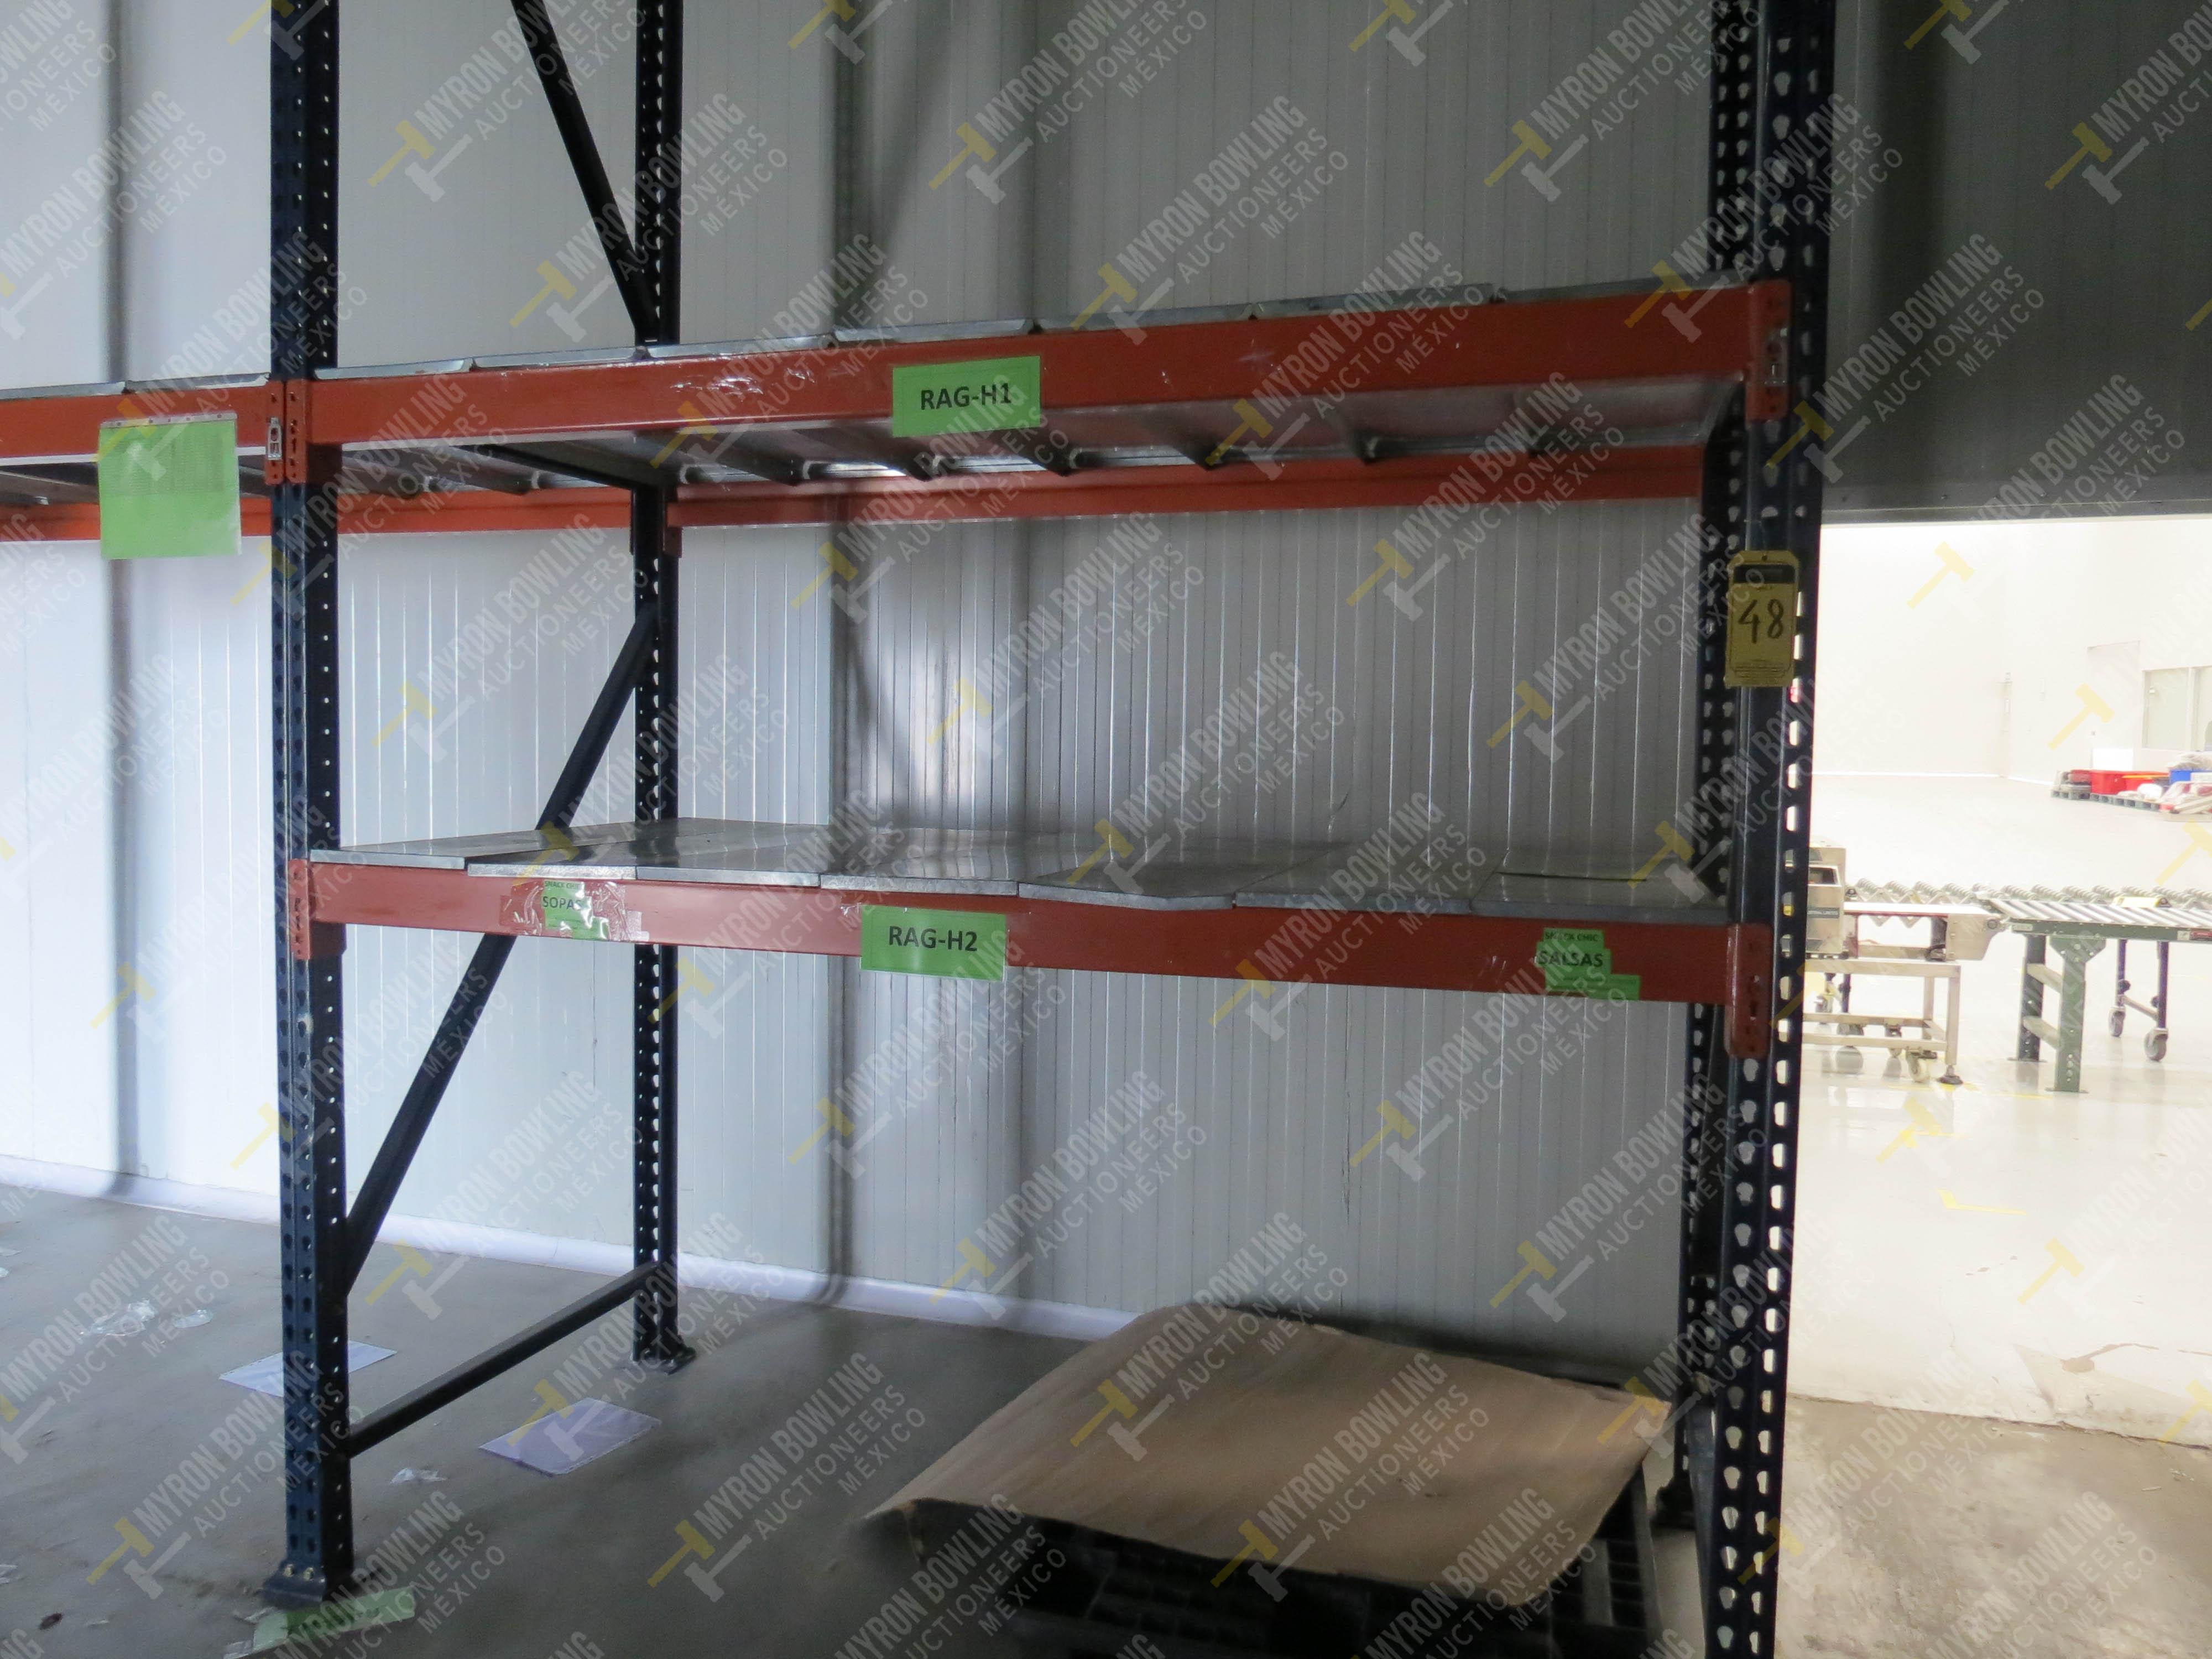 Rack de carga de 9 postes de 1.07 x 4 con 20 travesaños de 2.20 m, se incluye un poste … - Image 4 of 5